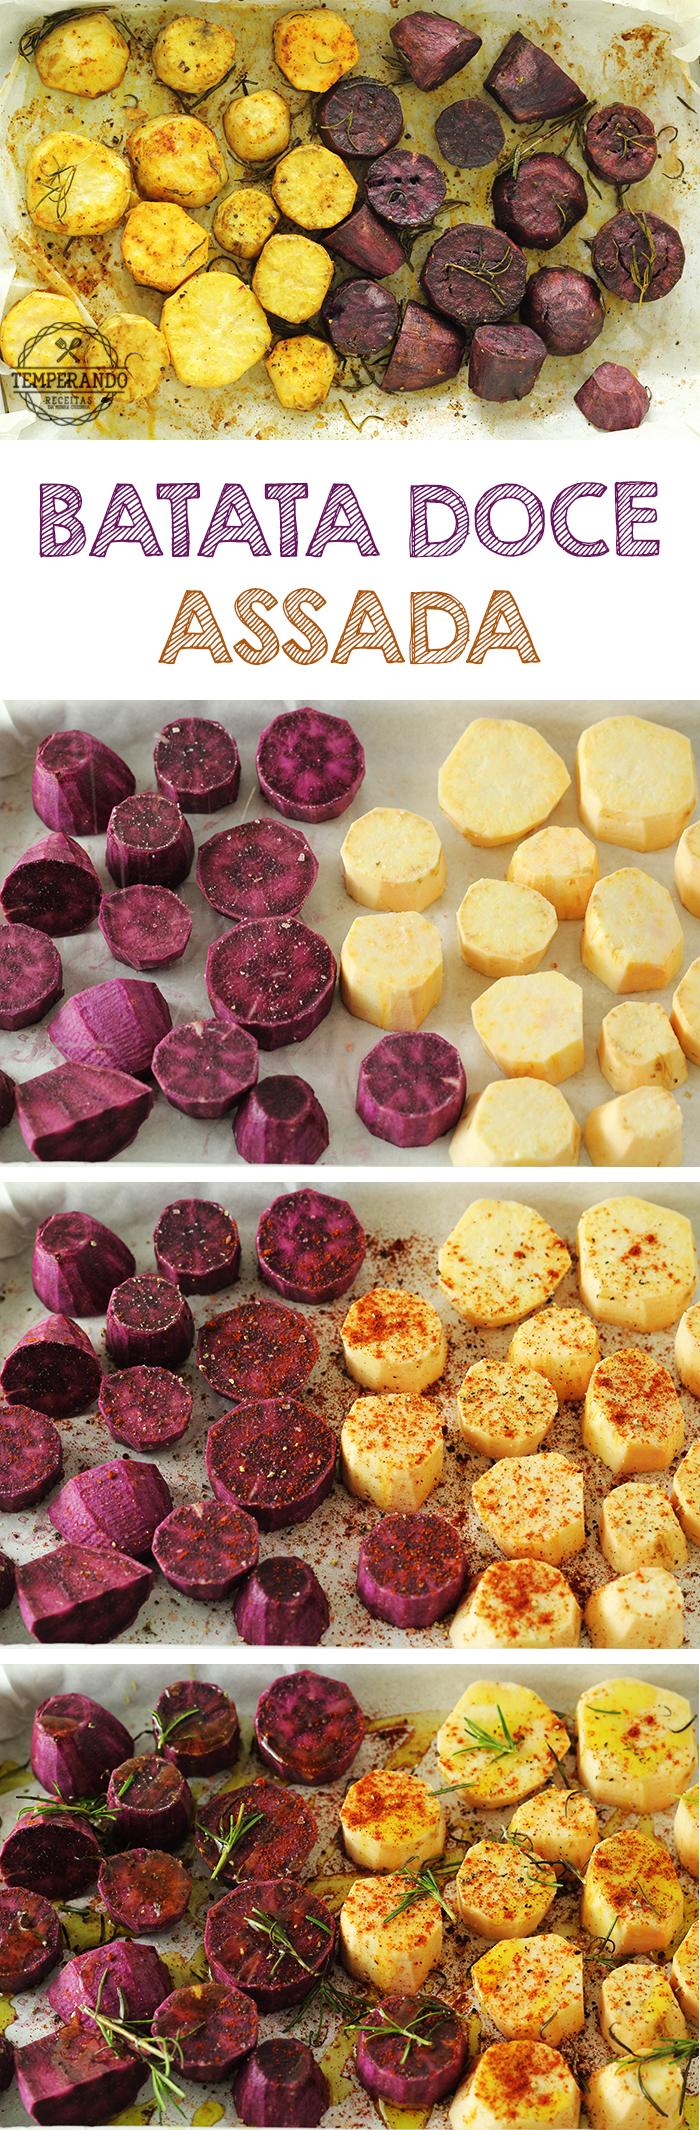 BATATA DOCE ASSADA - Como preparar deliciosas batatas doces no forno, temperadas e bem saborosas. Ótimas para acompanhar grelhados sem peso na consciência e se manter na dieta   temperando.com #batatadoce #receita #dieta